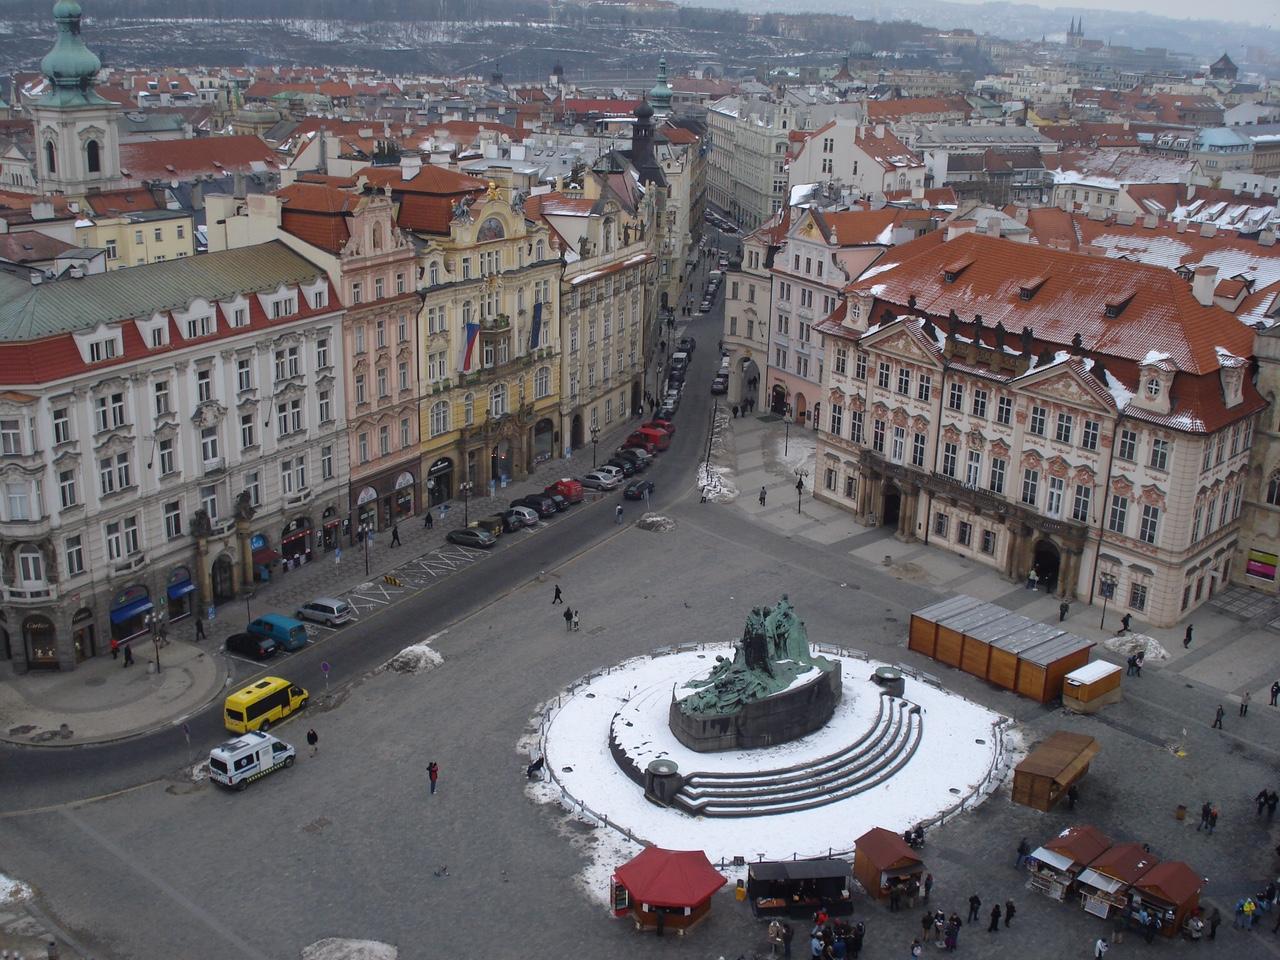 Centro de Praga, República Tcheca